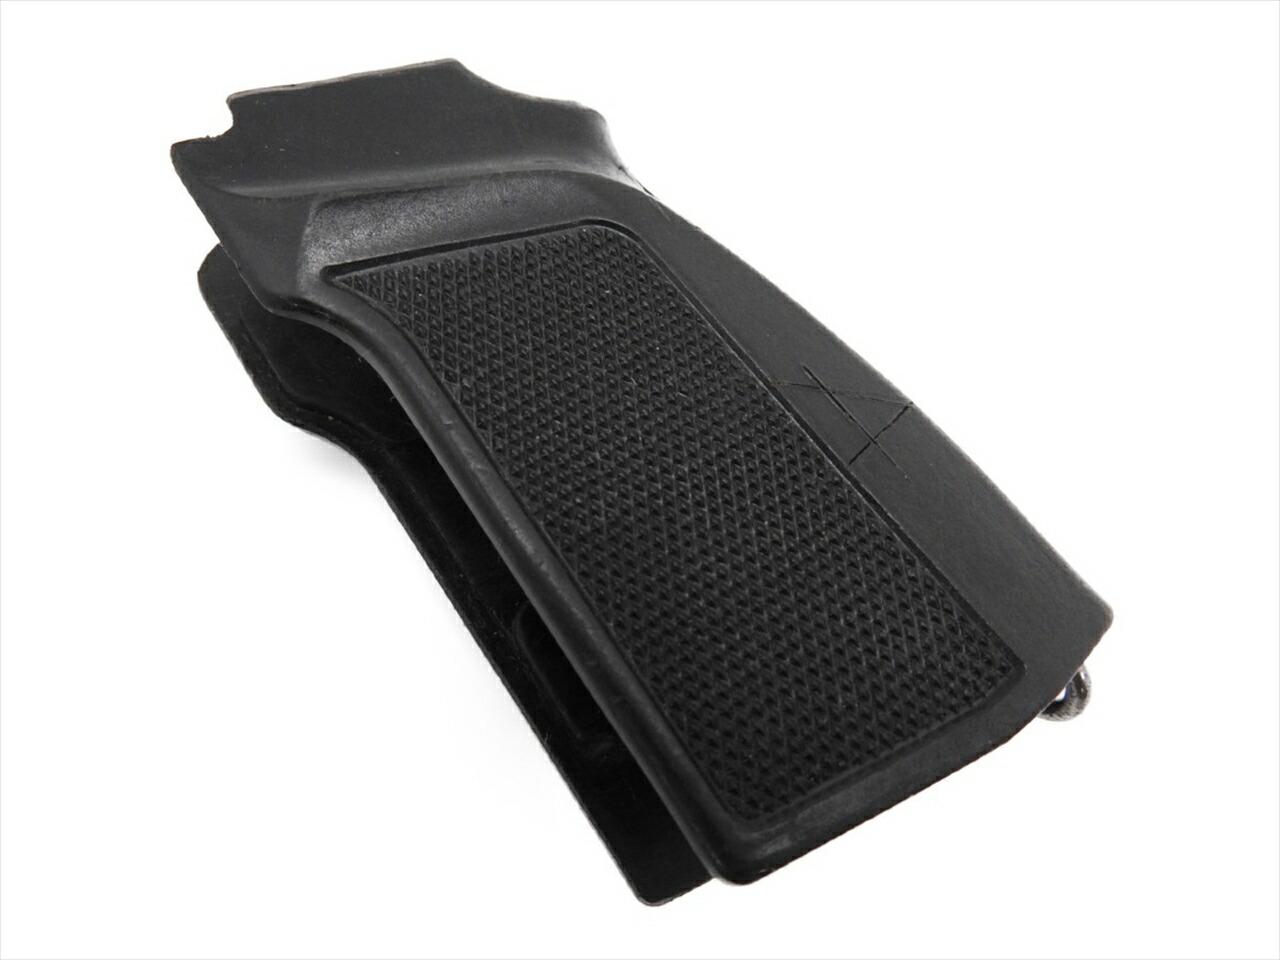 中古品 マカロフ PM 実銃用 ブラック オリジナル グリップ 本物 エアガン モデルガン